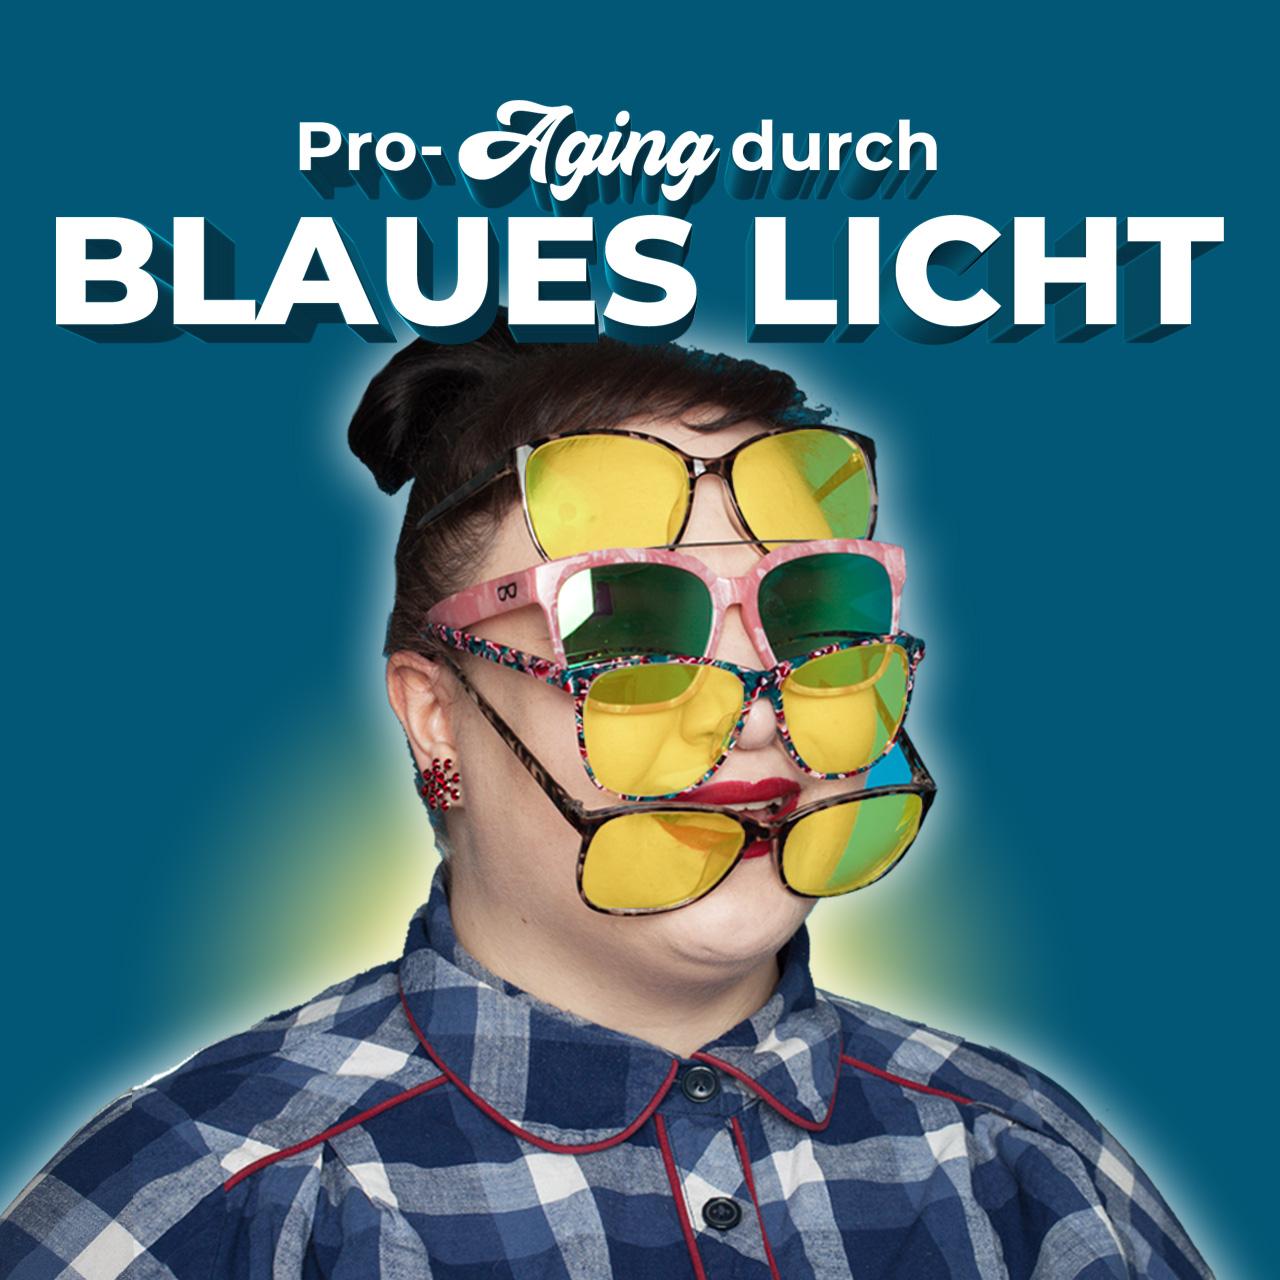 Schutz vor blauem Licht Sichtbares Visible Blue Light Anti-Aging Sonnenschutz SPF